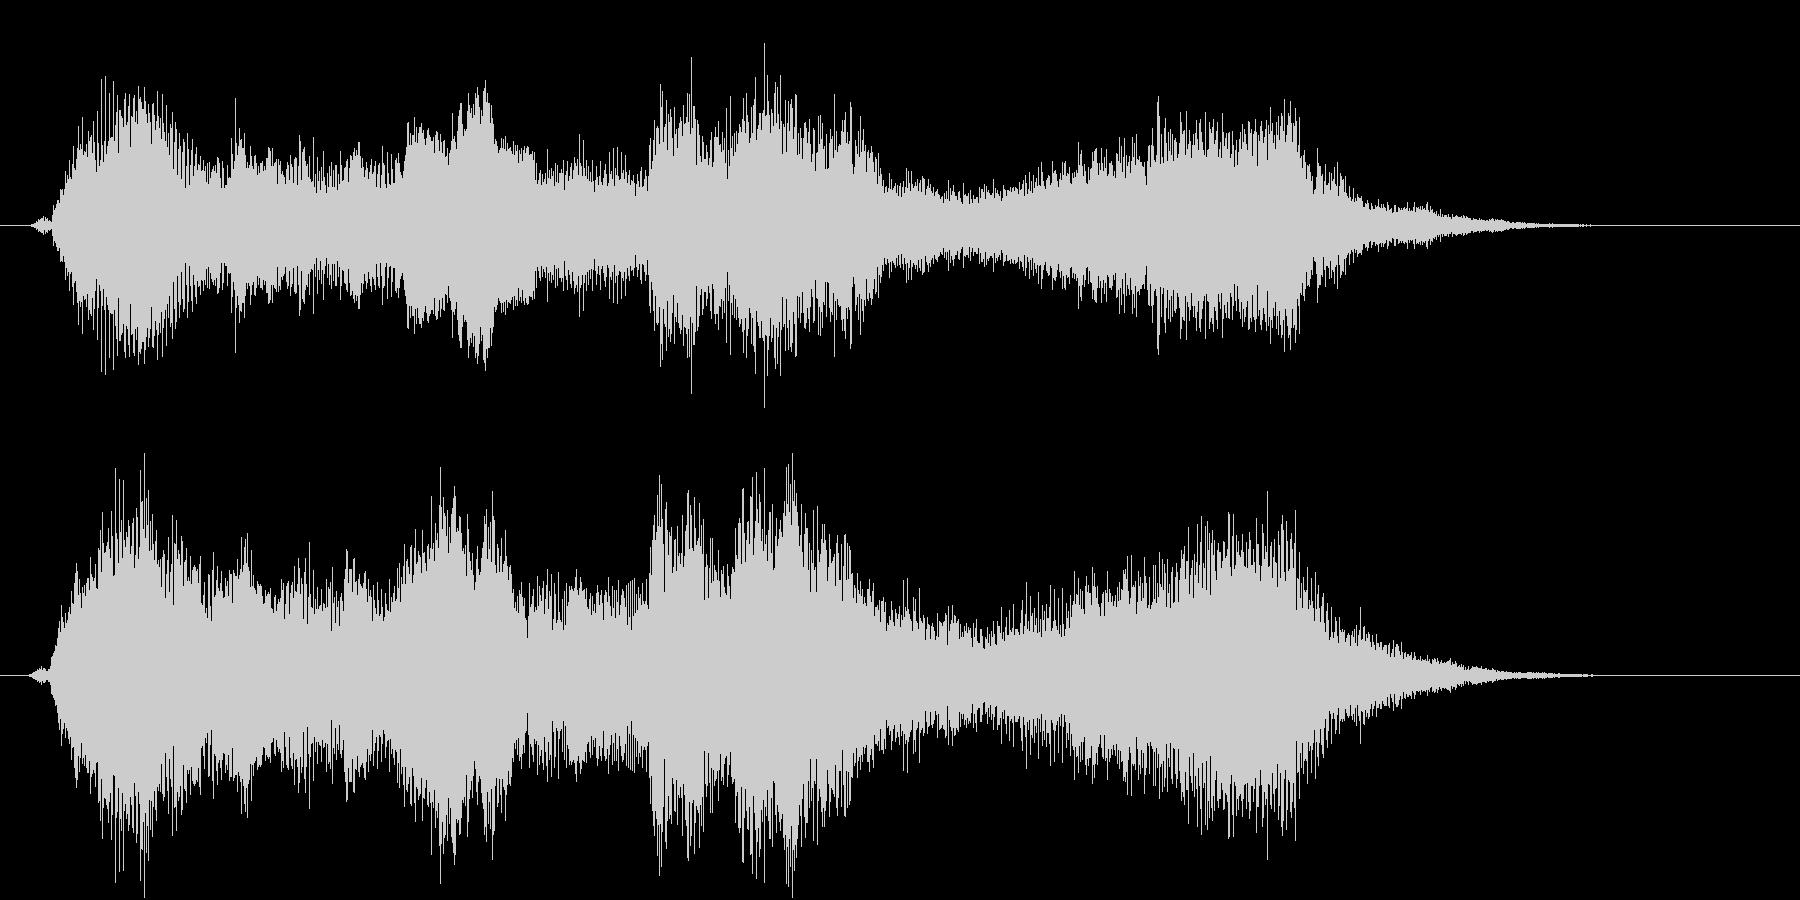 力強い金管楽器のファンファーレ!の未再生の波形